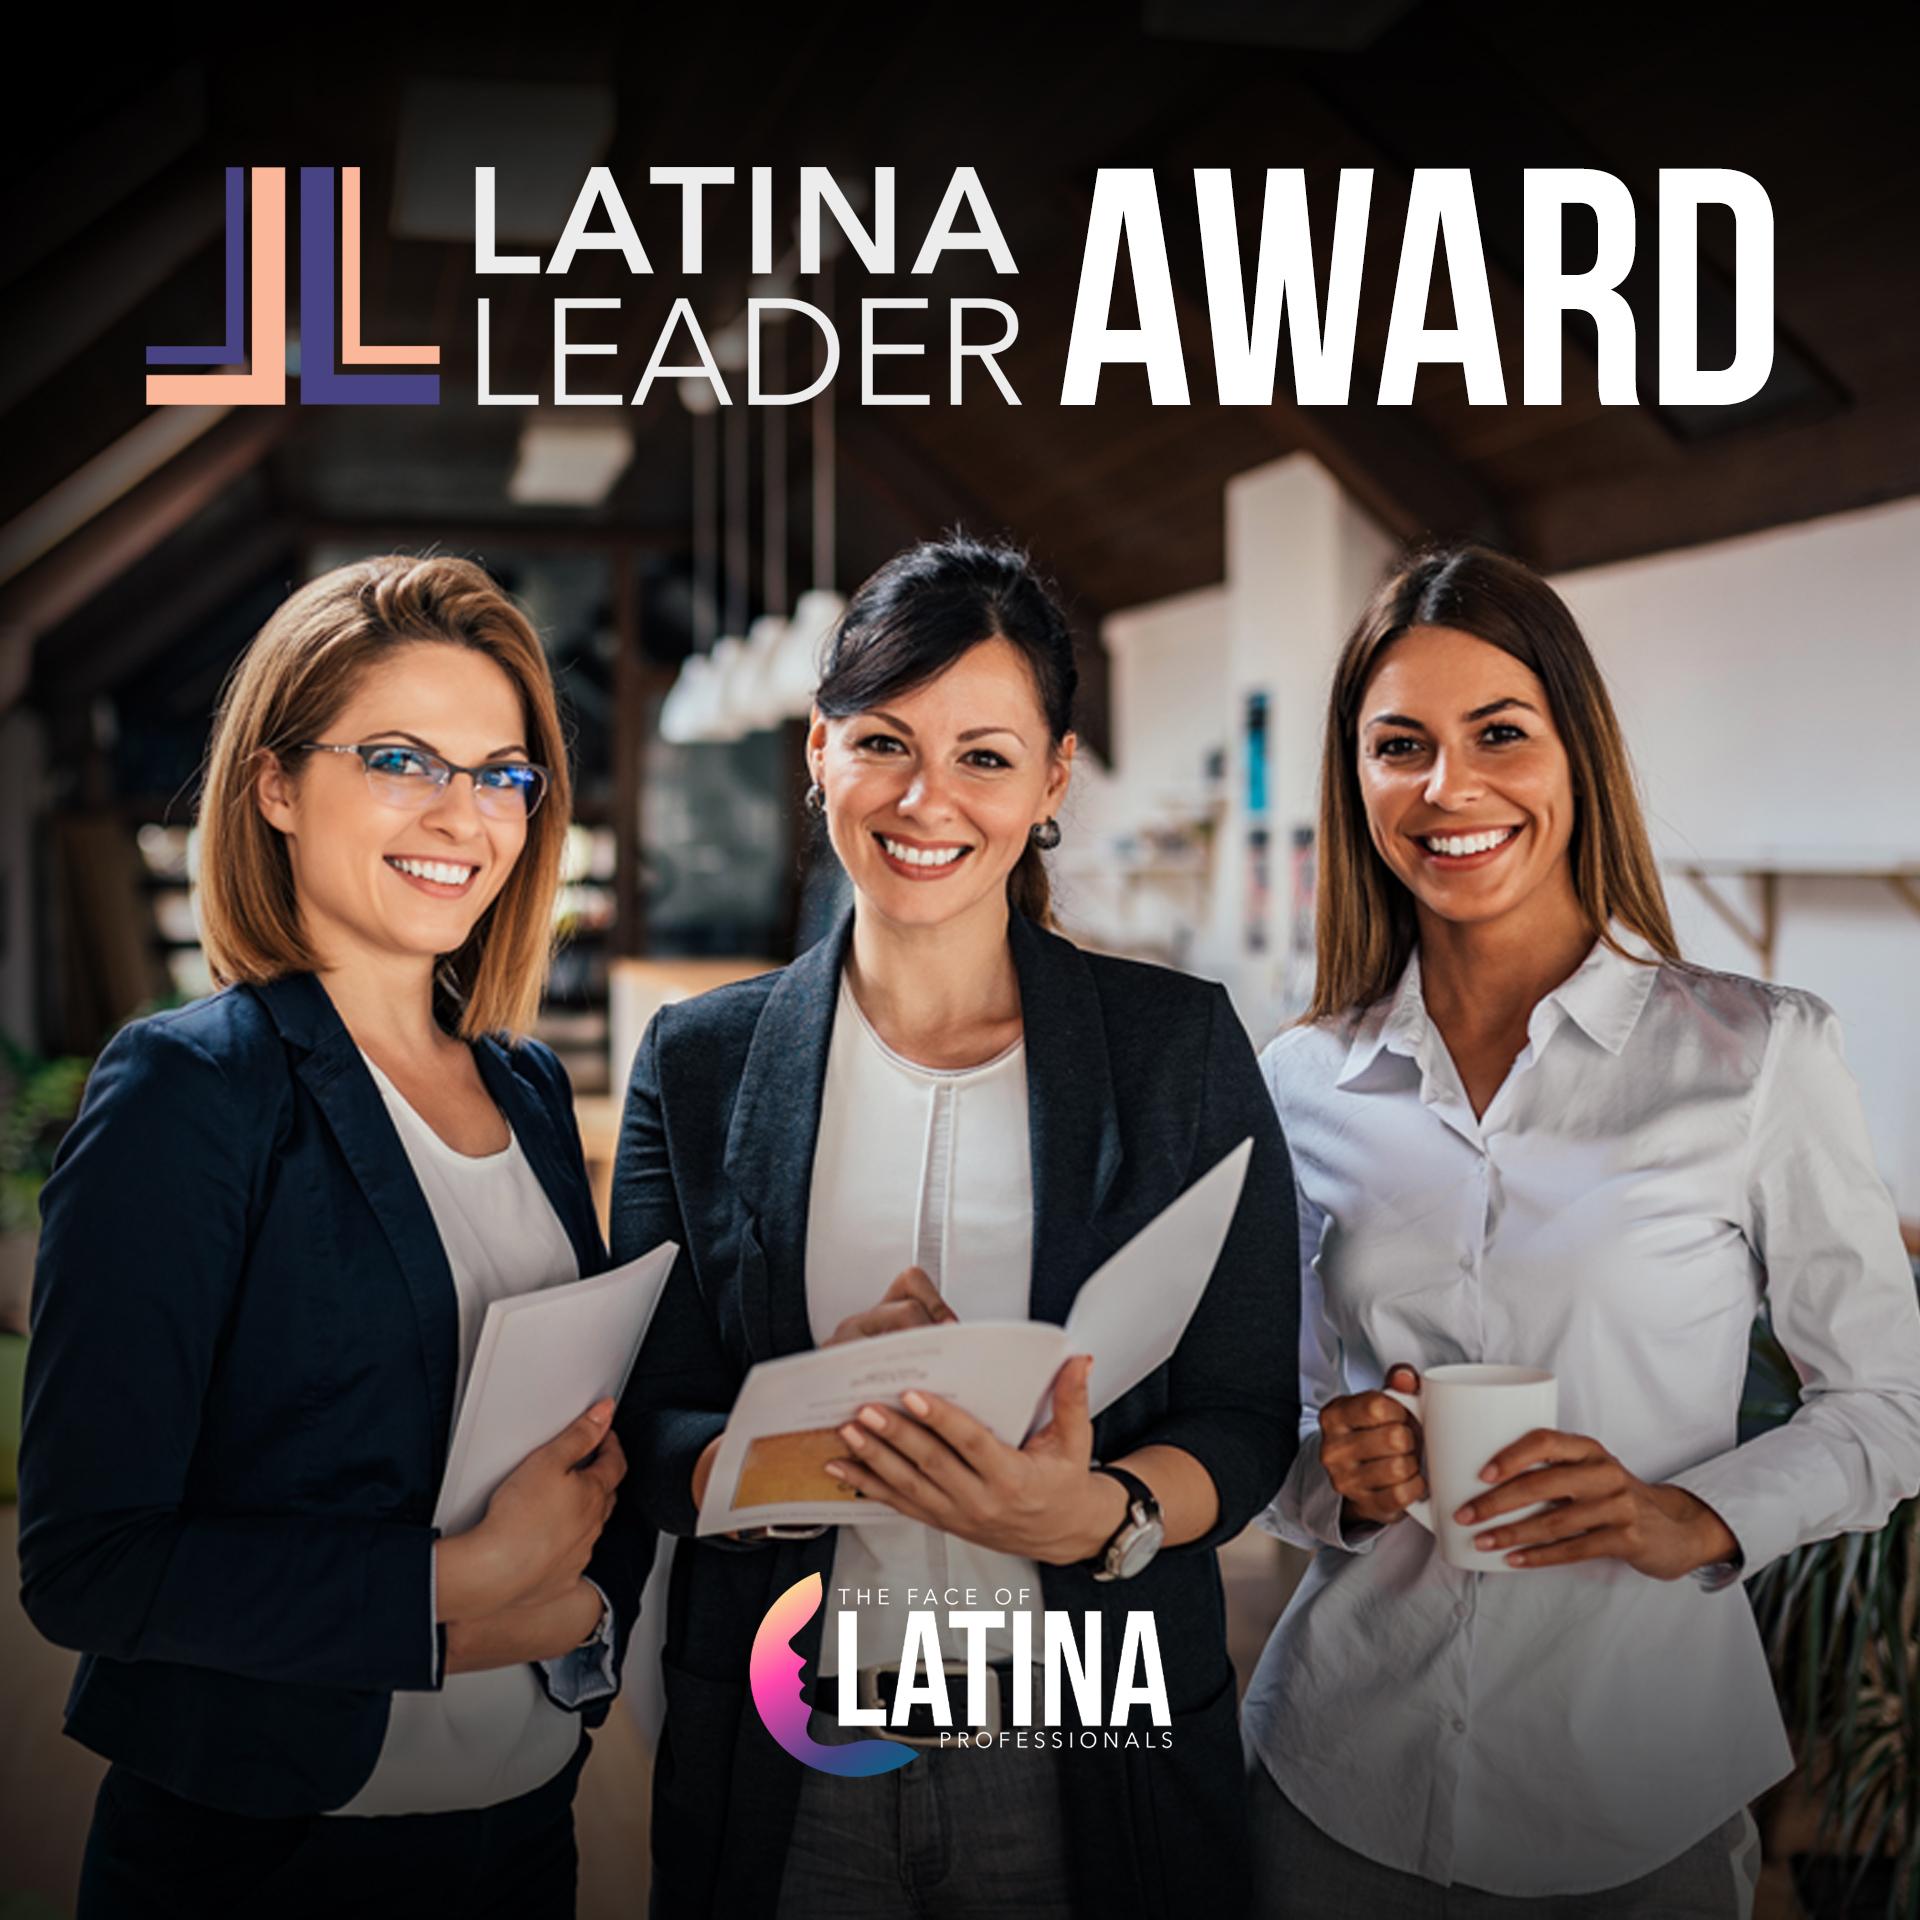 latina leader award thumbnail